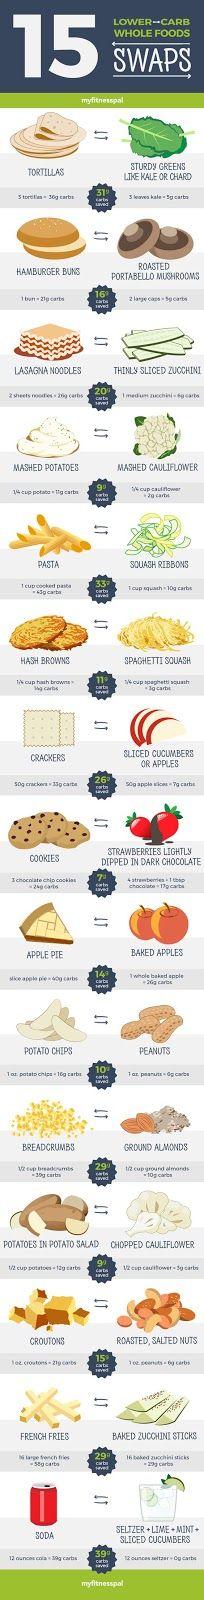 ME PASO EL DIA COMPRANDO: 9 cambios fáciles en tu dieta para adelgazar sin darte cuenta